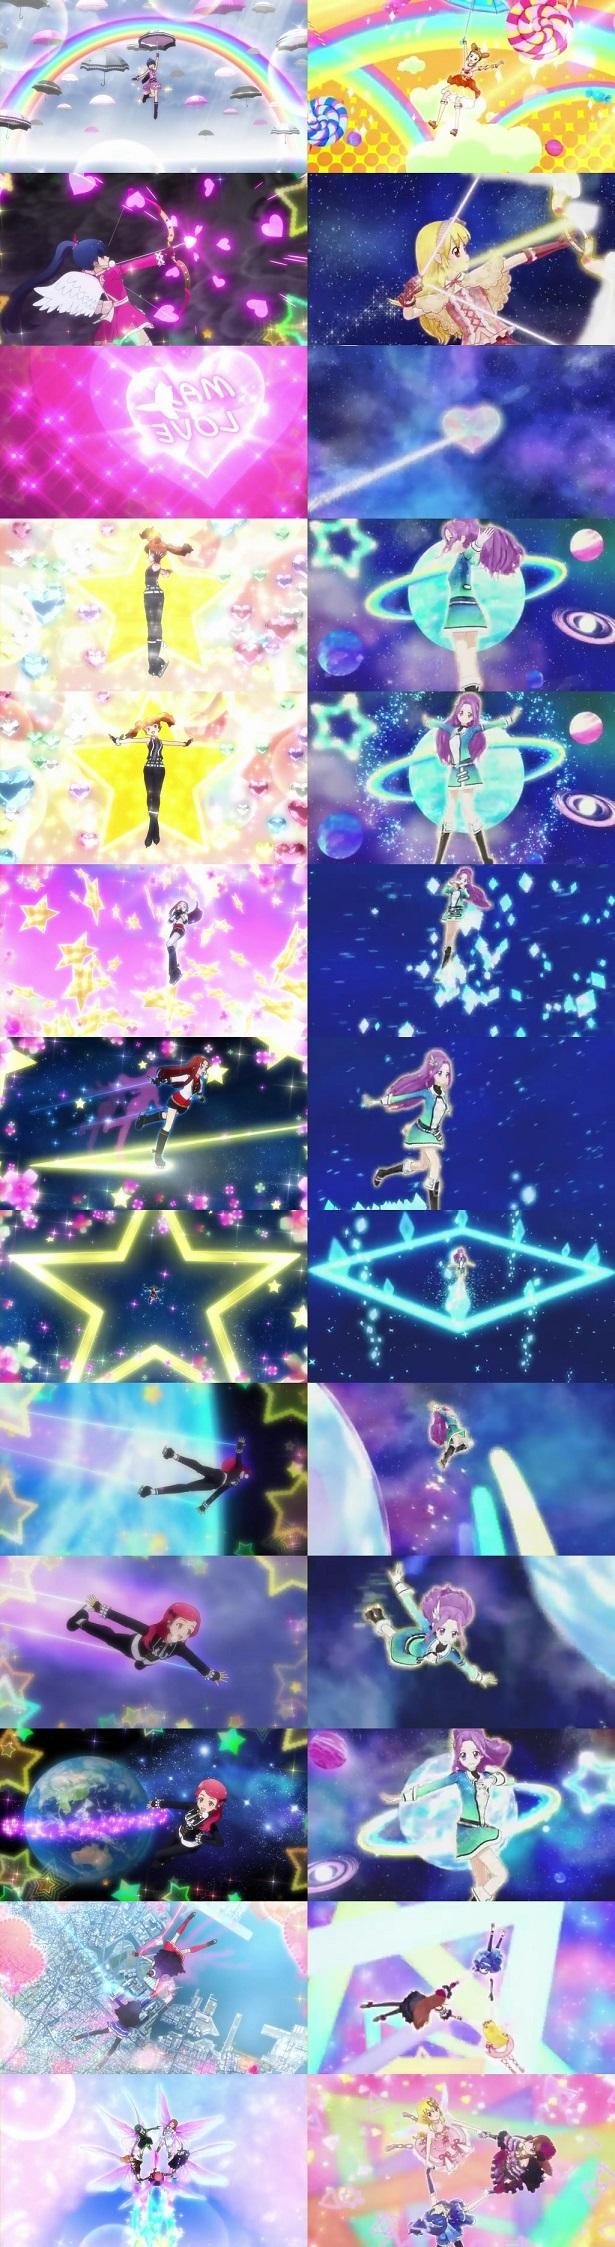 aikatsu copying pretty rhythm's jumps